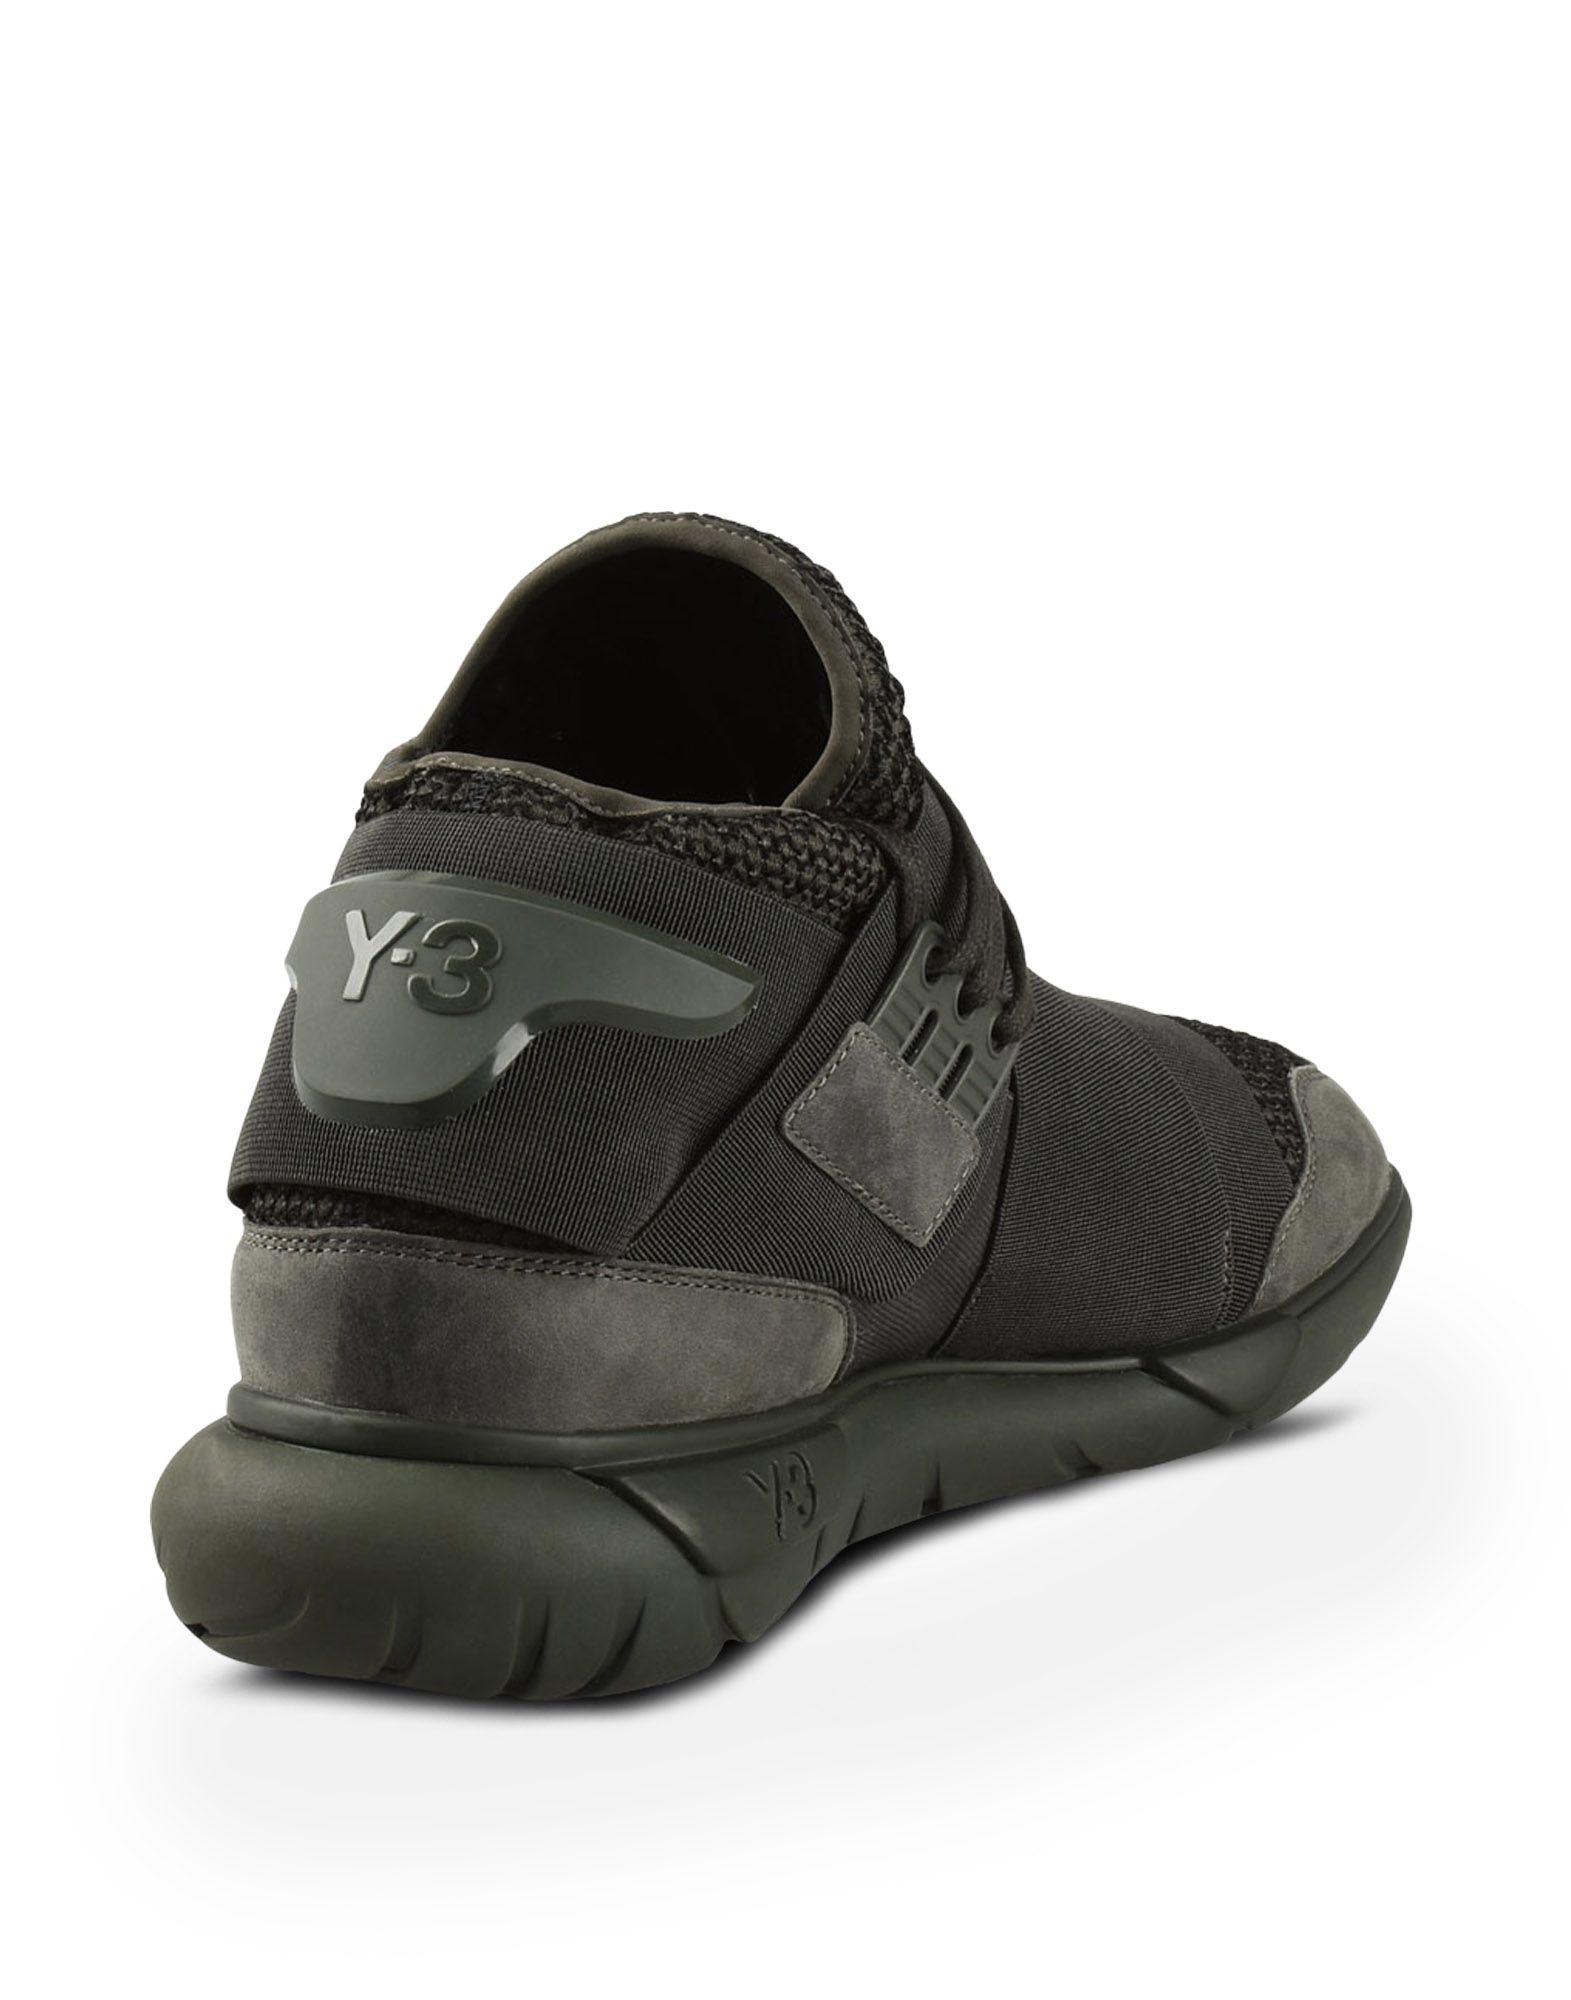 Y3 Qasa High Trainer CP5127